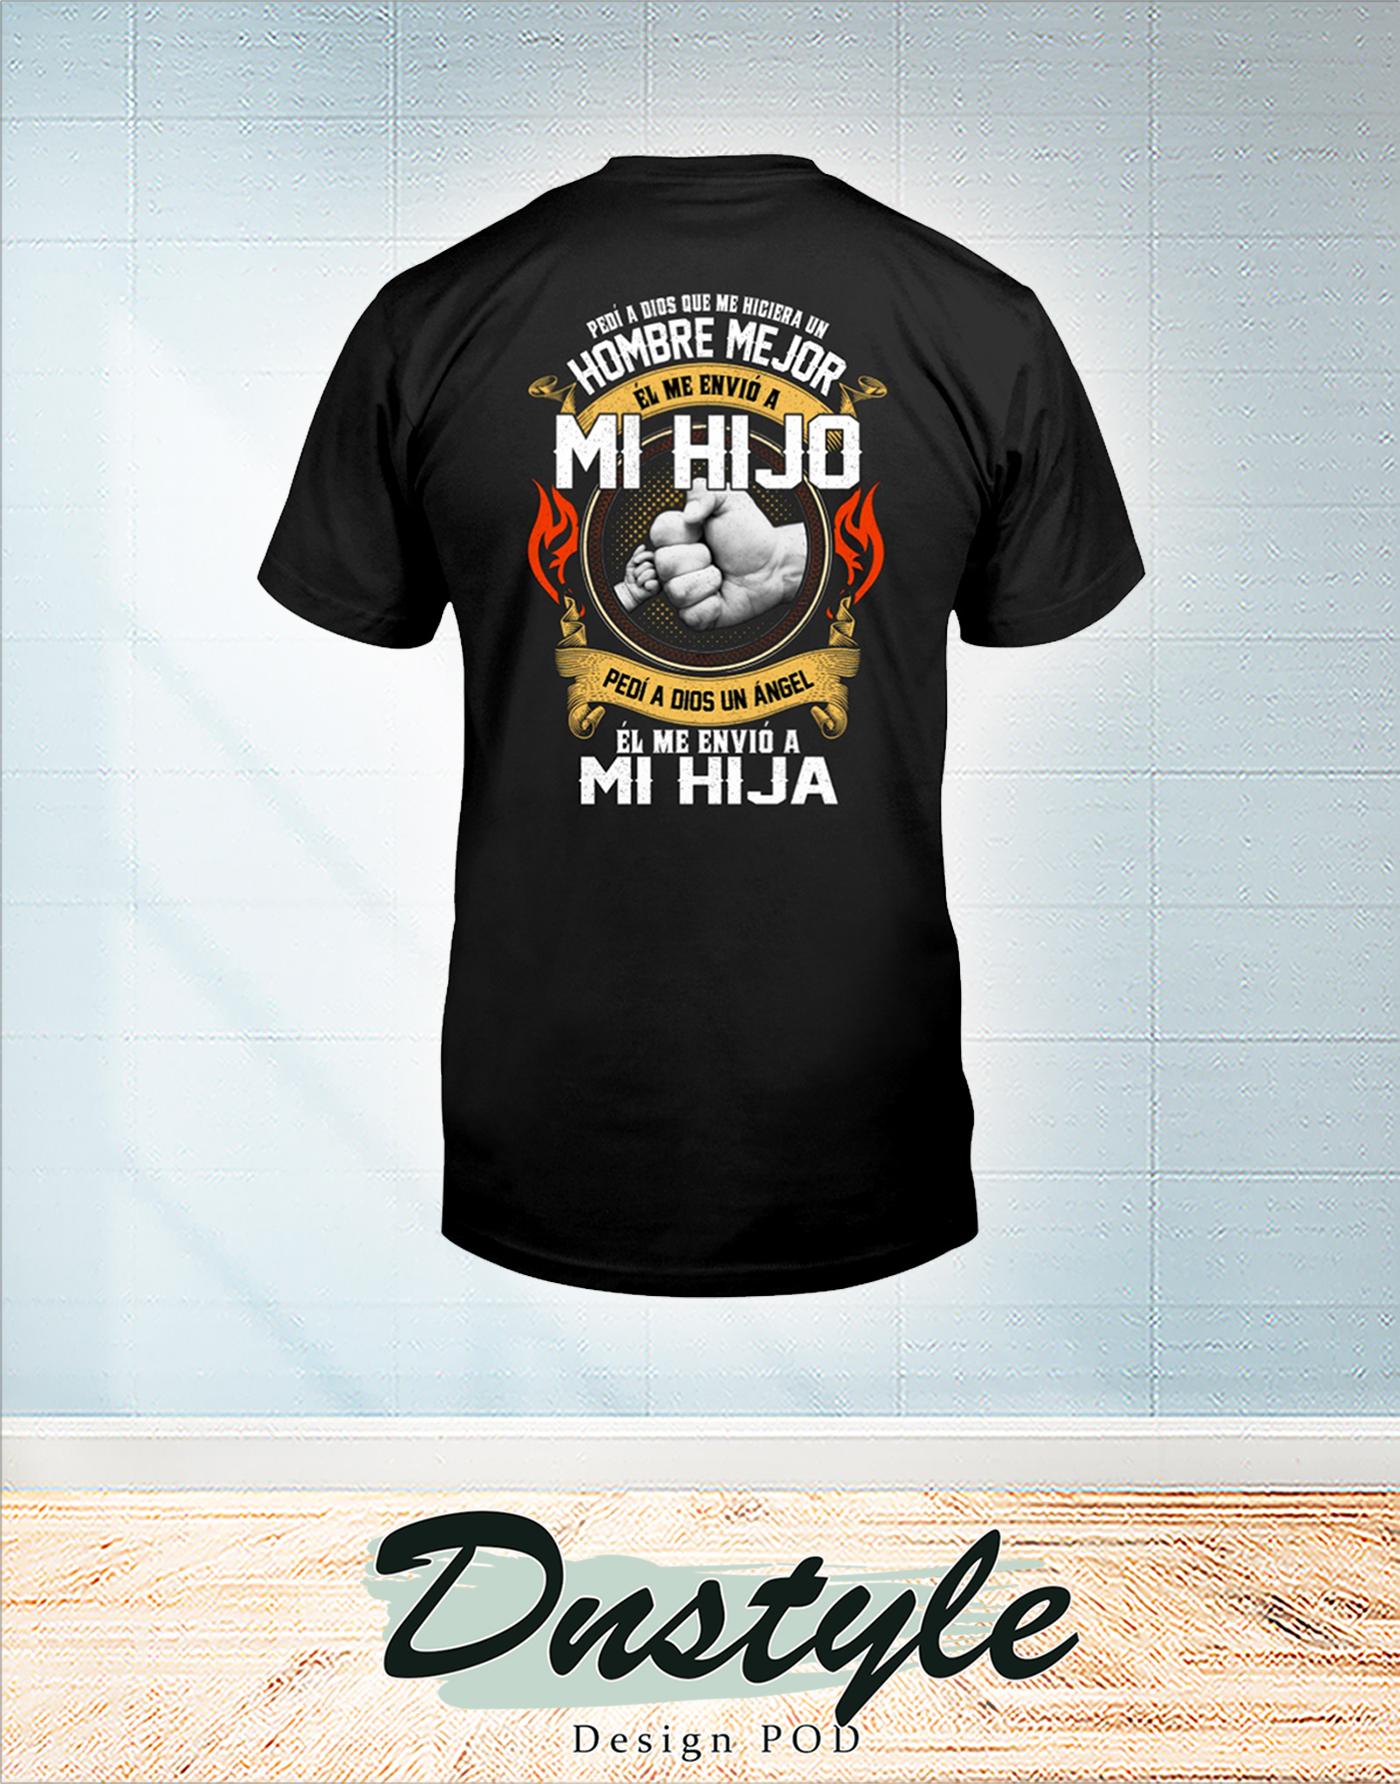 Camisetas sublimadas hombre mejor para papa shirt